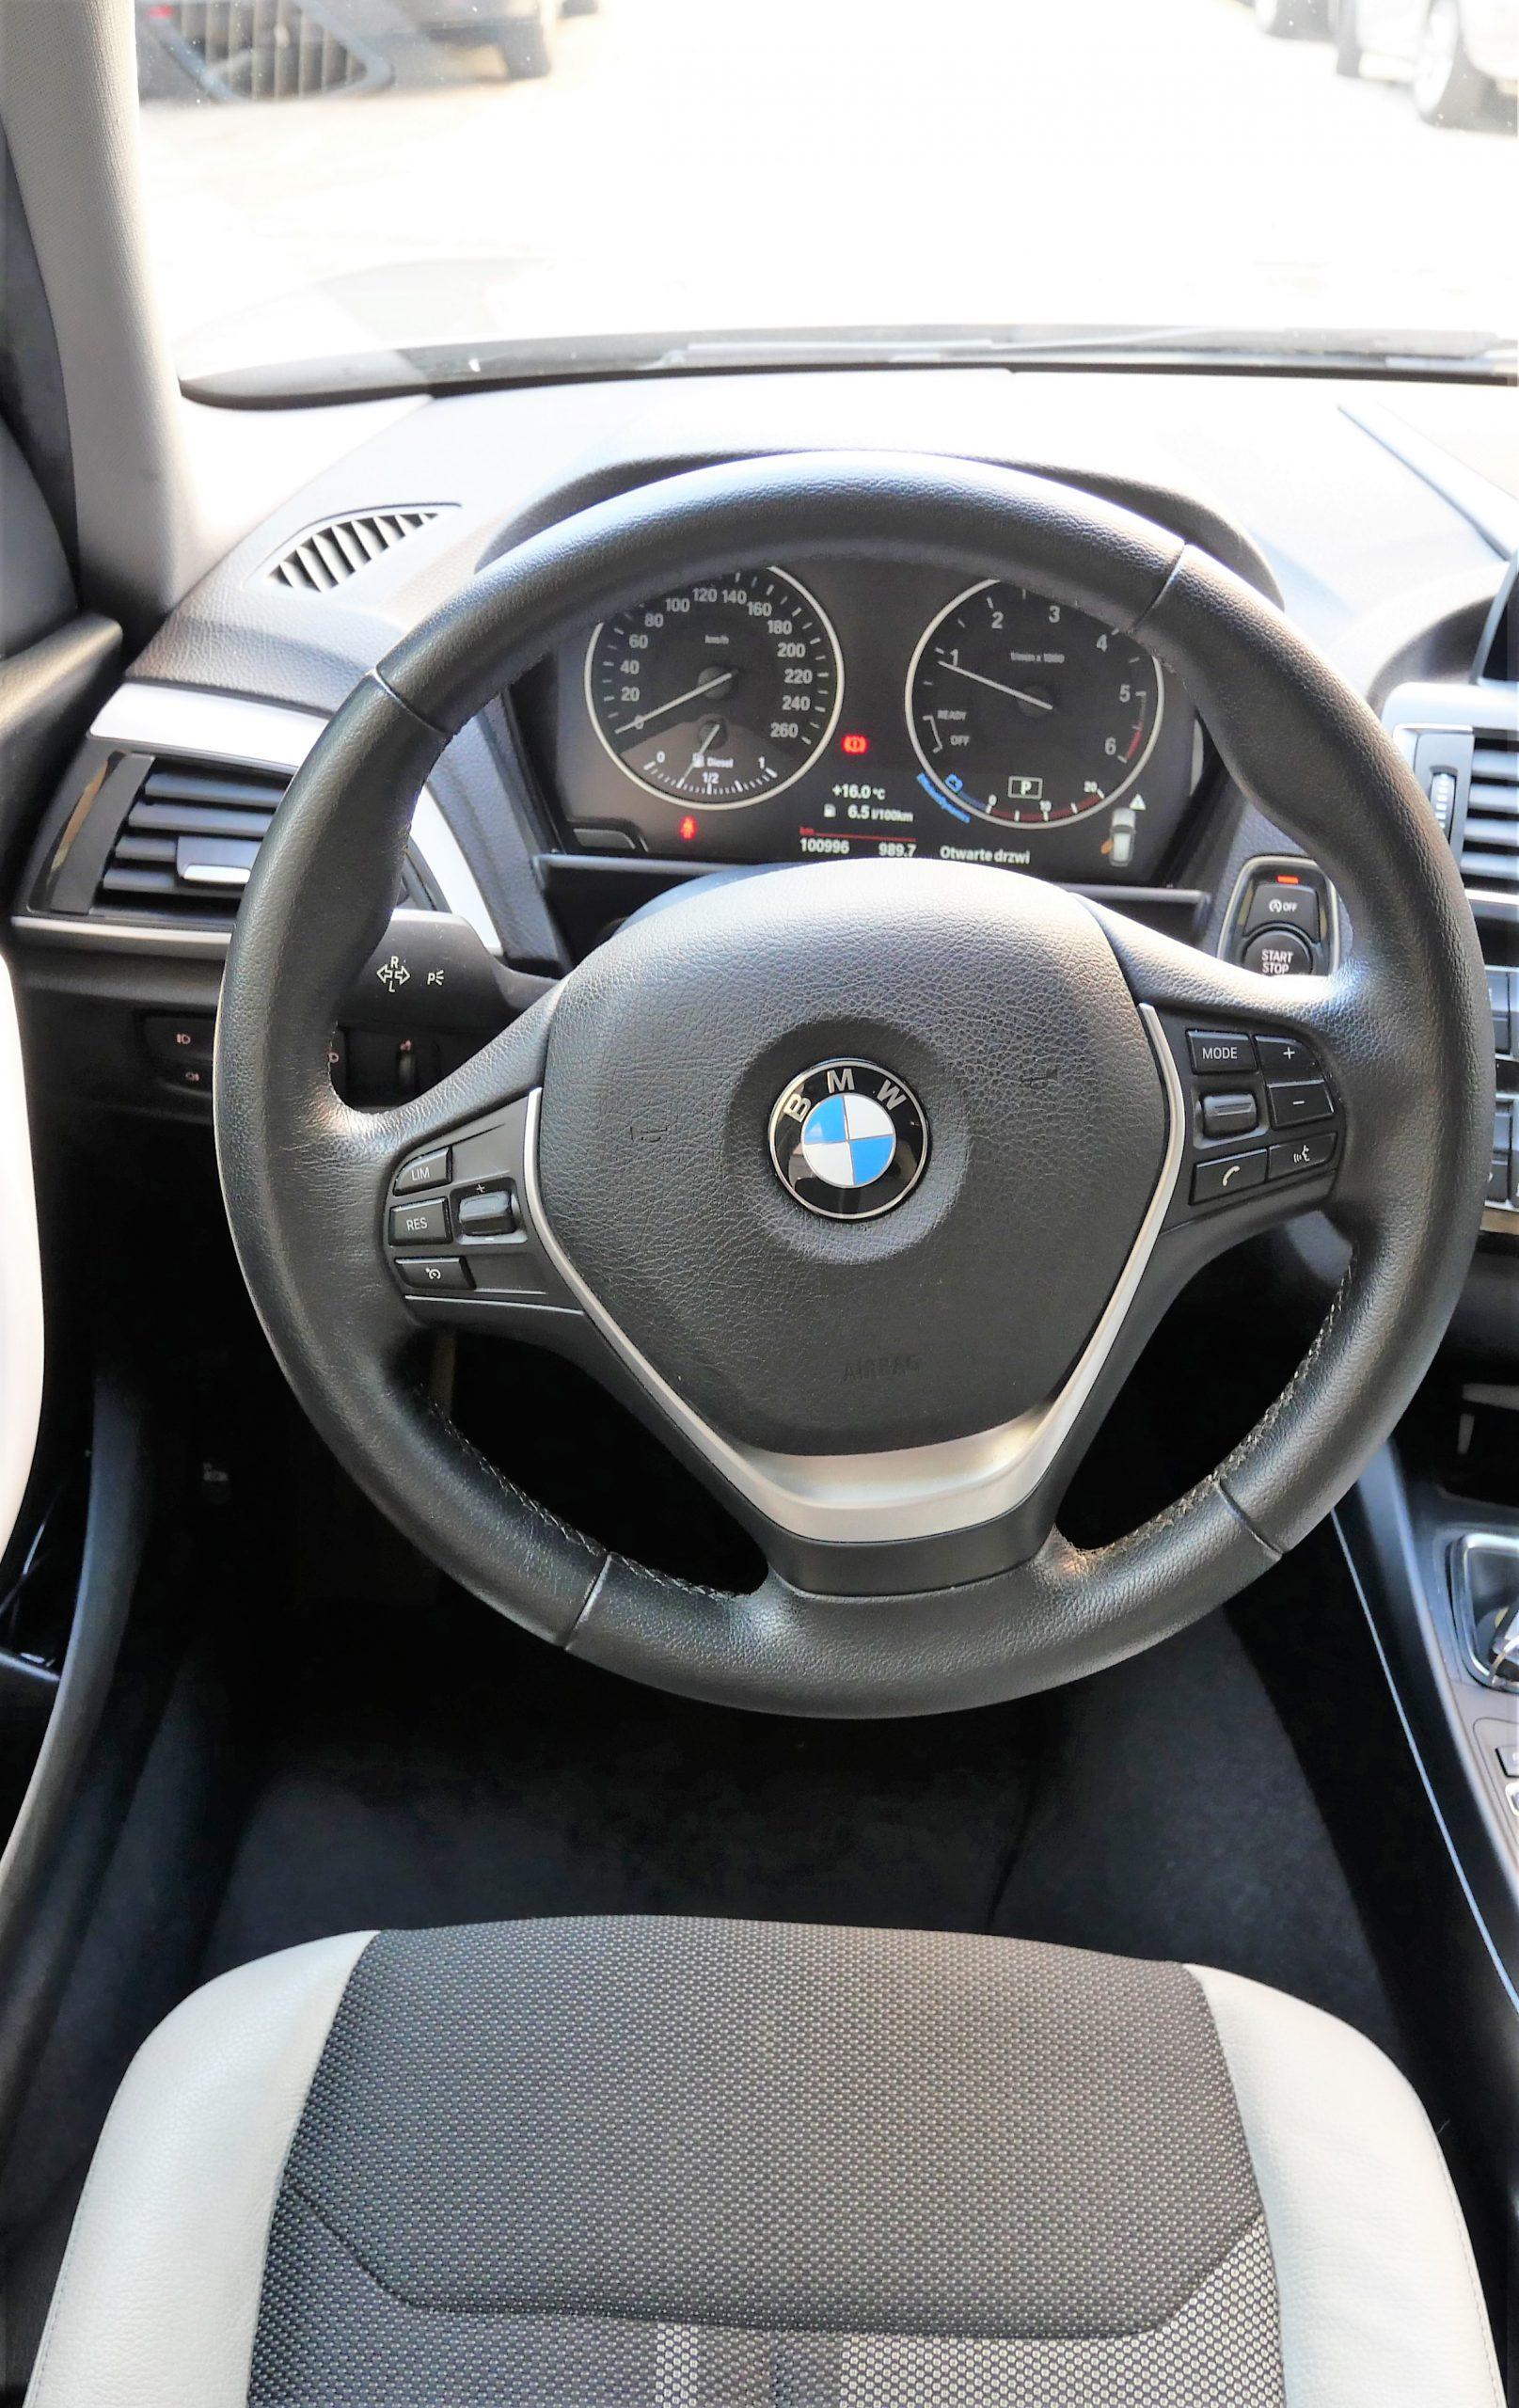 BMW Série 1 (F20) XDrive LCI 120d 2.0 d 190ch 13